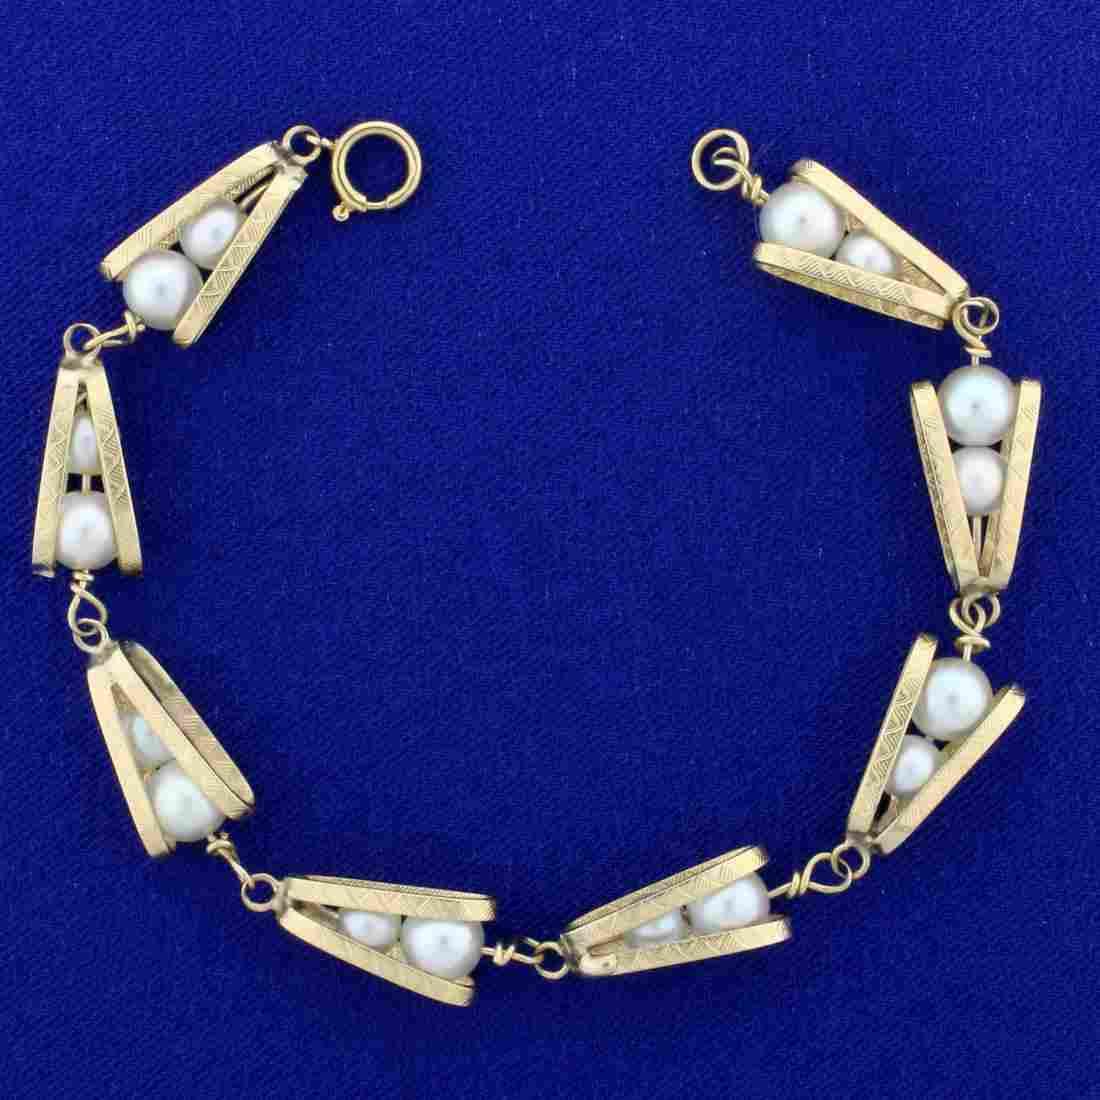 Unique Vintage Cultured Akoya Pearl Link Bracelet in